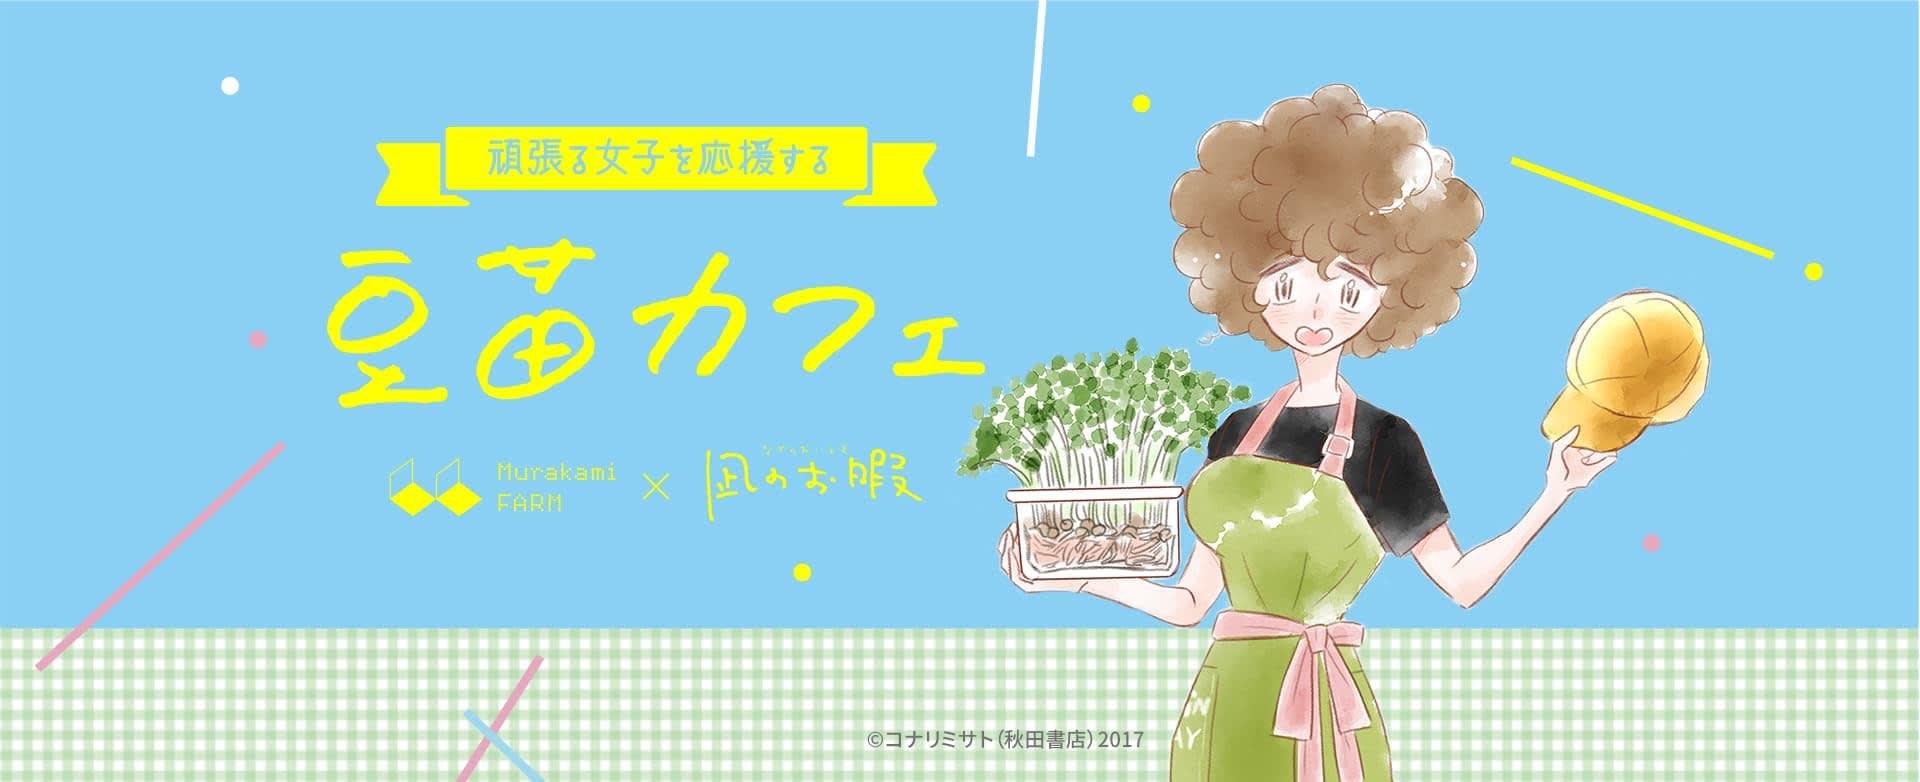 豆苗カフェ|村上農園と『凪のお暇』がコラボレーション!